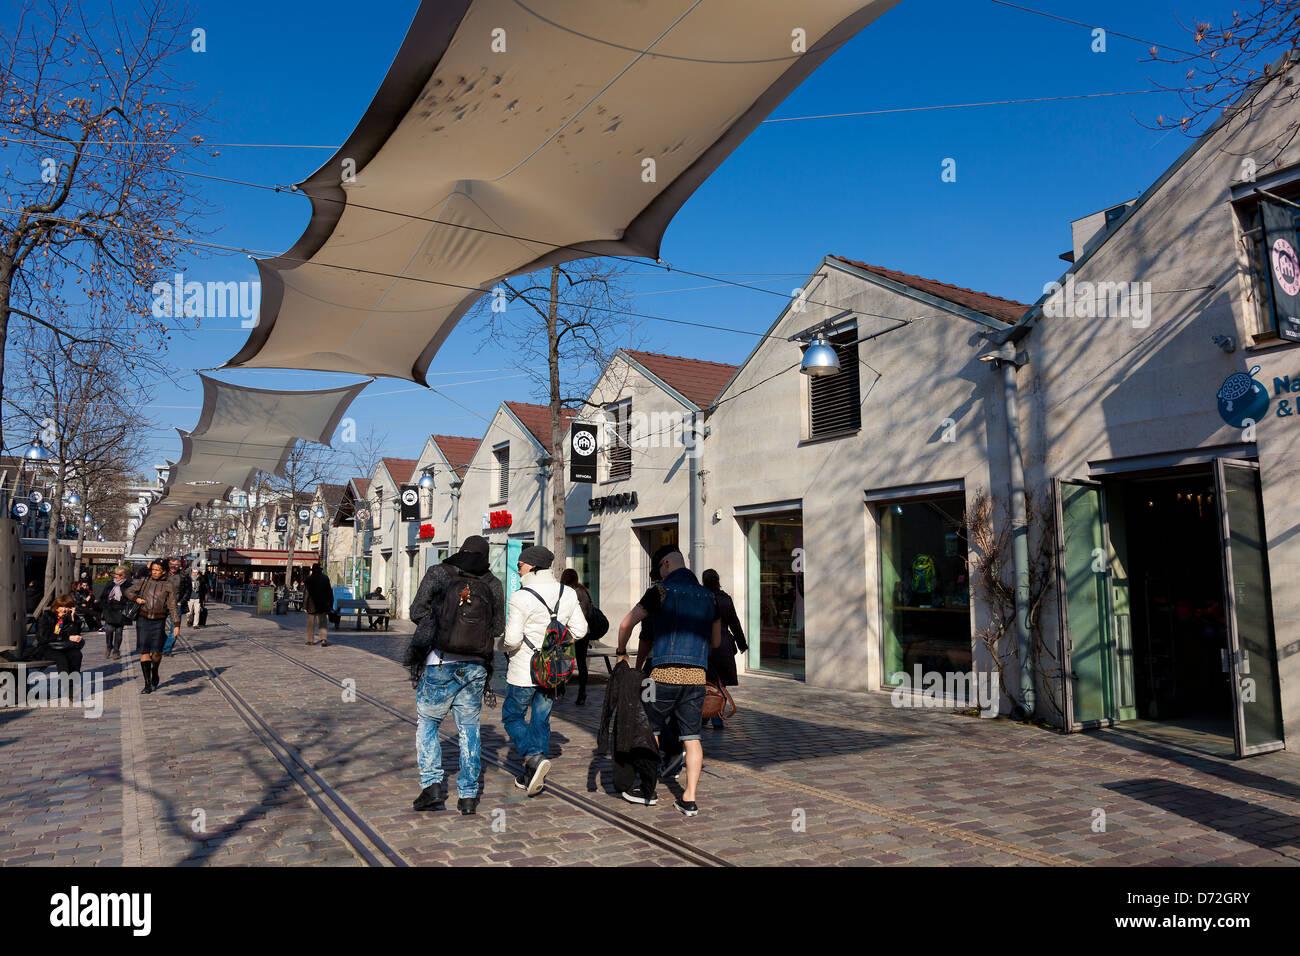 Bercy village, Paris, Ile de France, France - Stock Image